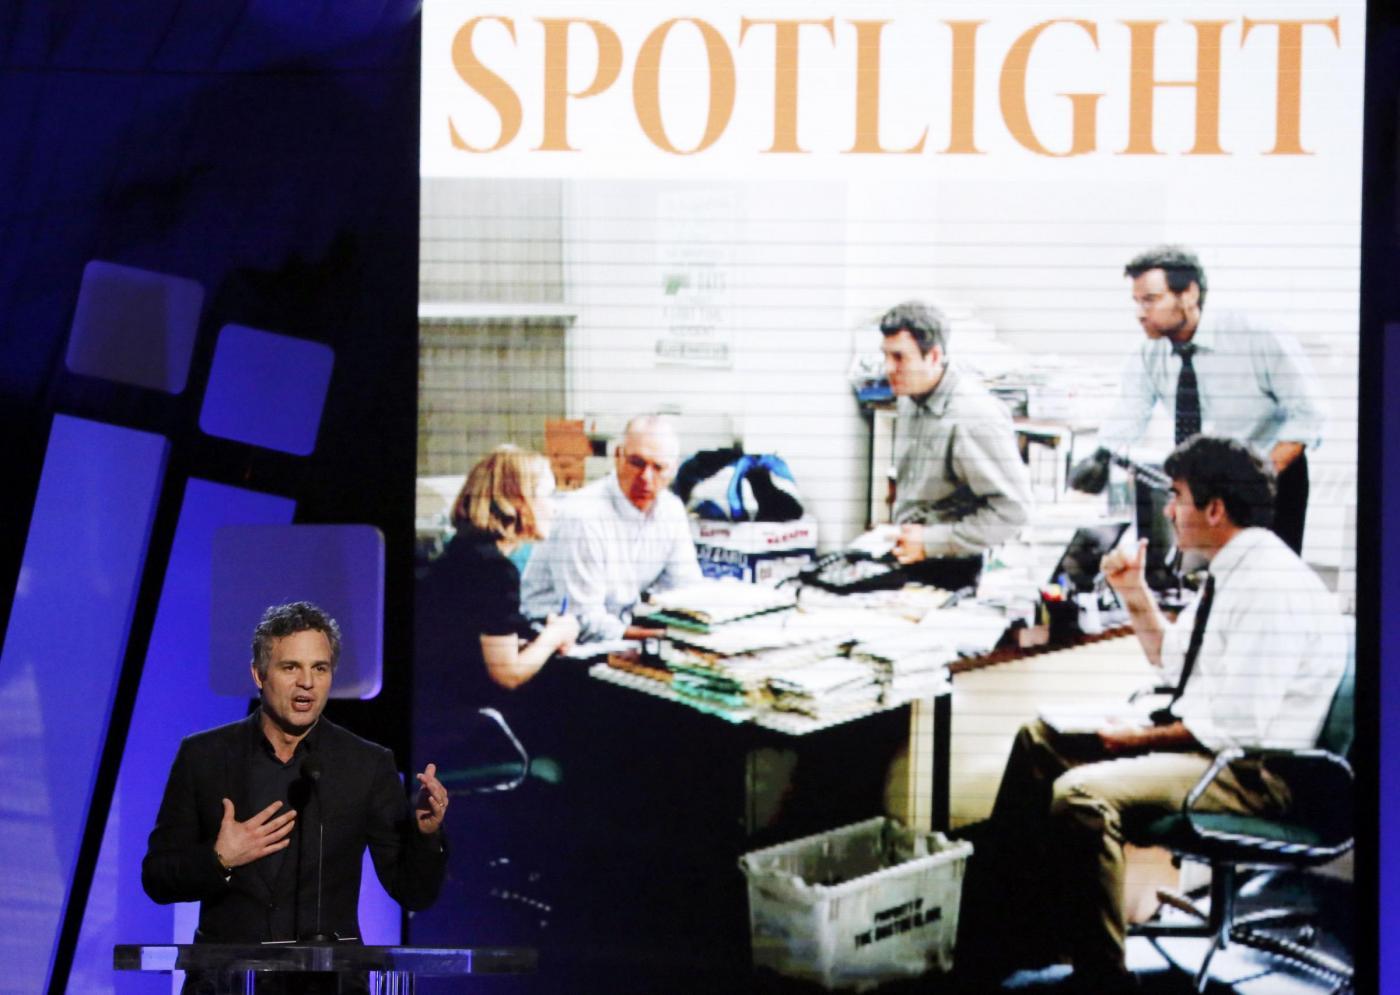 Tradimento. Il Caso Spotlight, il libro-inchiesta del Boston Globe